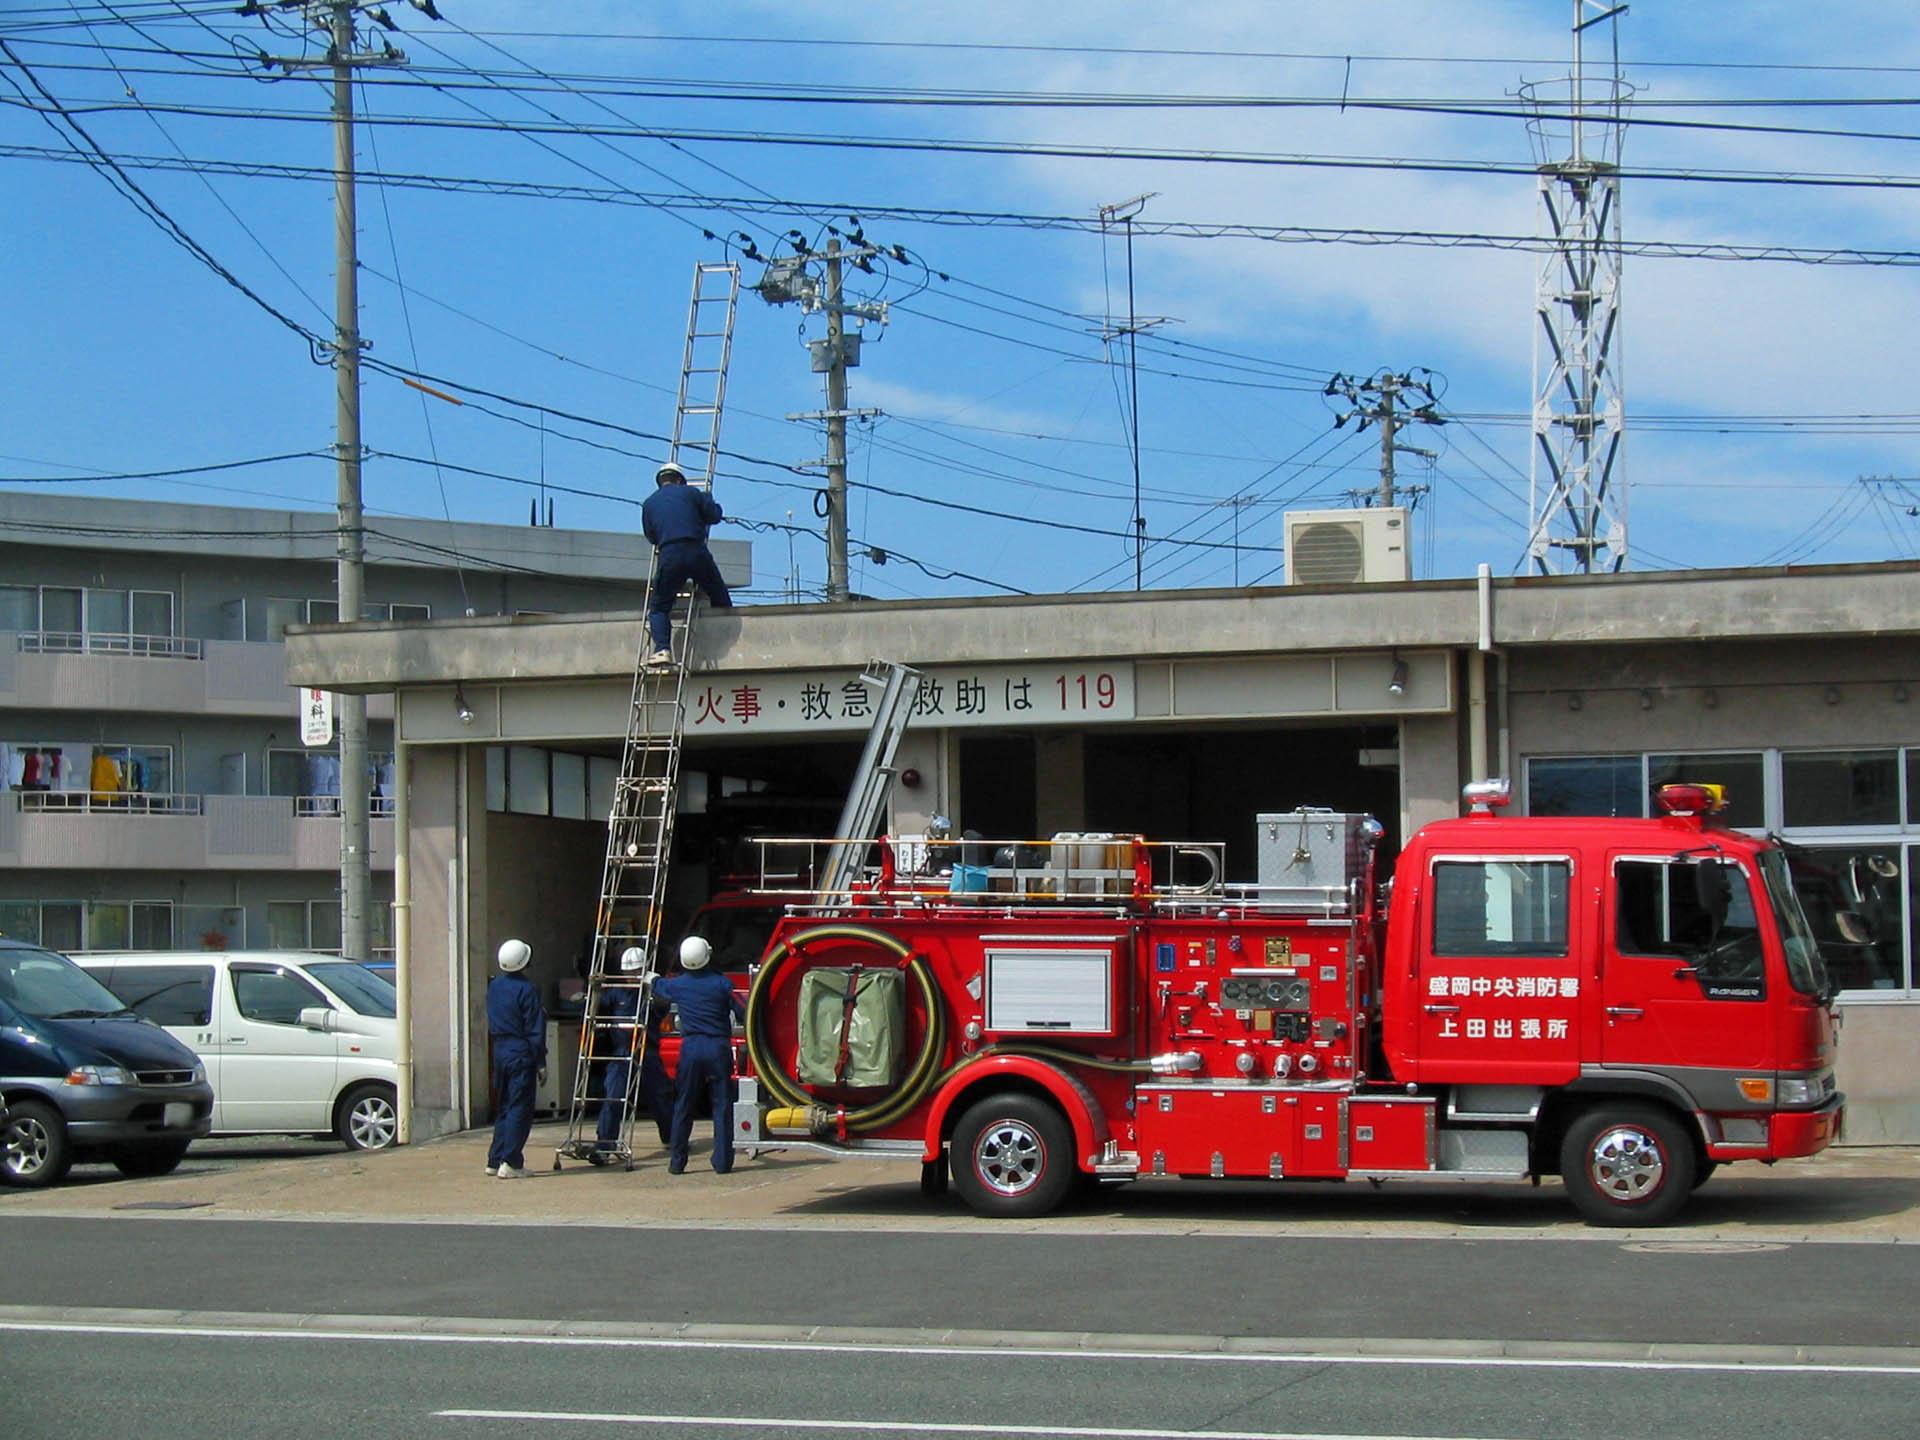 消防士さん訓練中